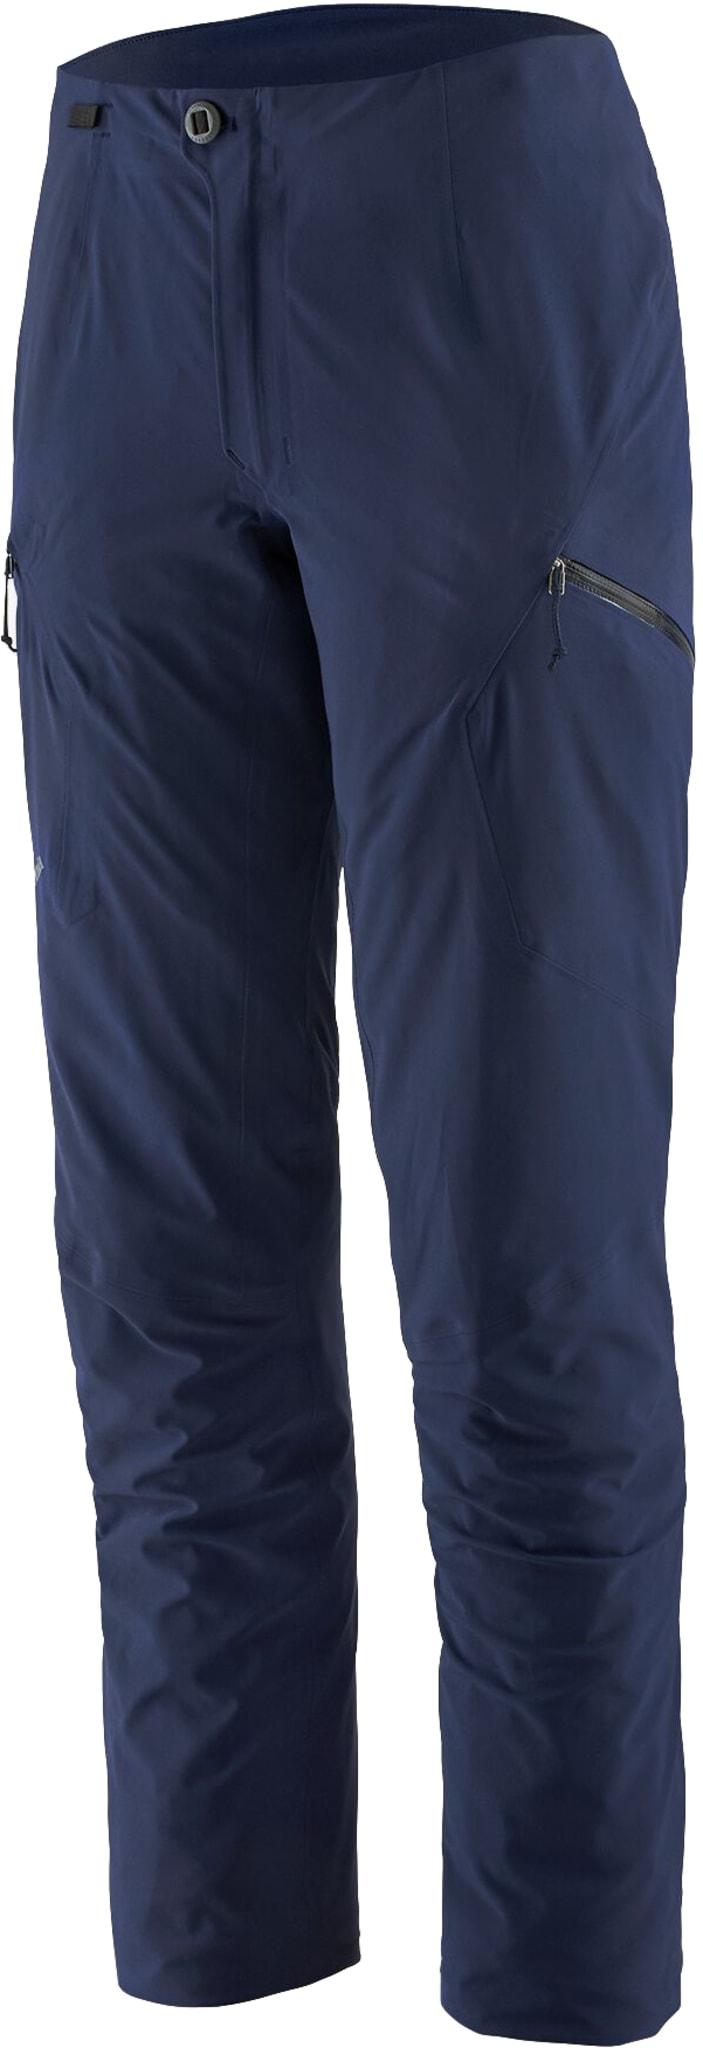 Galvanized Pants W